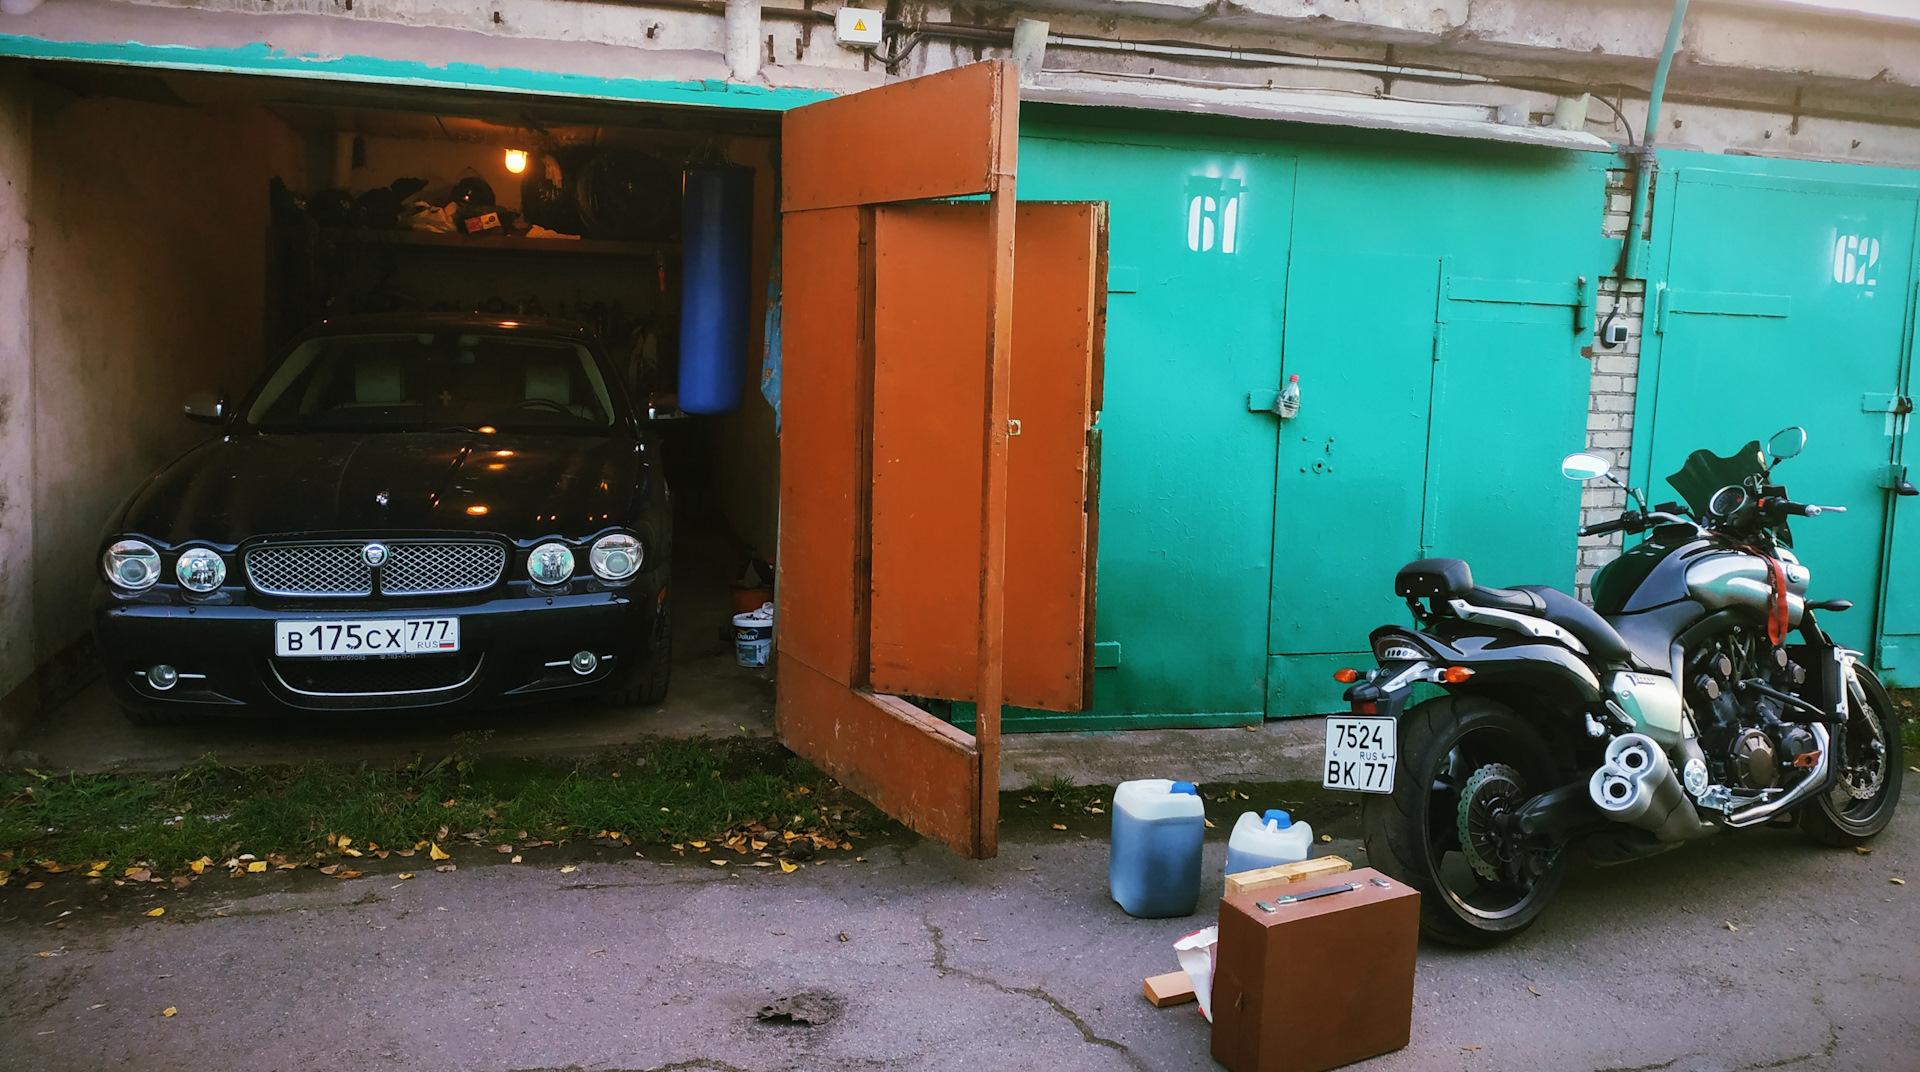 Ягуар в гараже поздравления